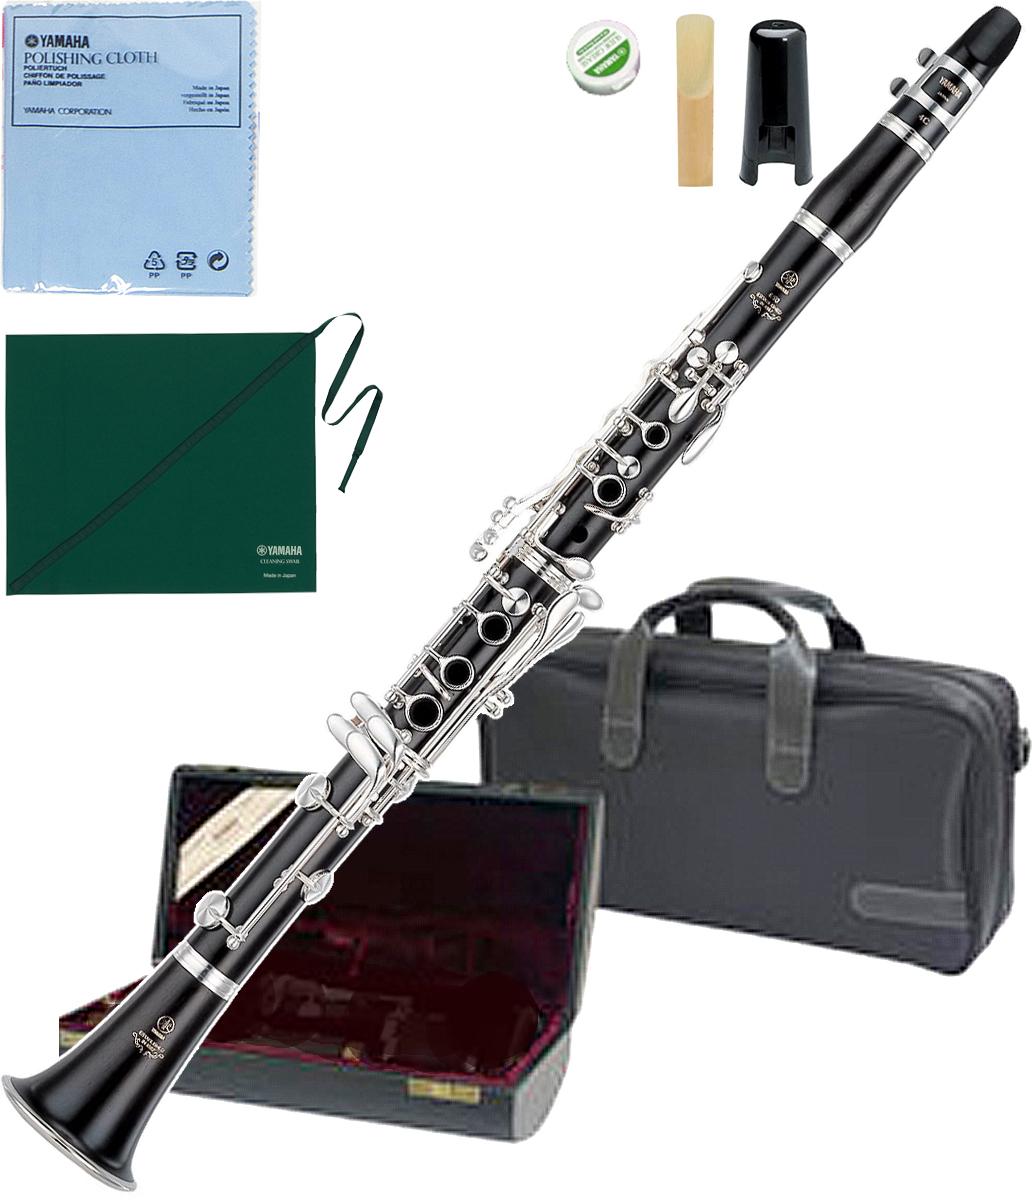 YAMAHA ( ヤマハ ) YCL-650 木製 クラリネット 正規品 日本製 グラナディラ B♭ プロフェッショナル 管楽器 Bb clarinet YCL650 北海道 沖縄 離島不可